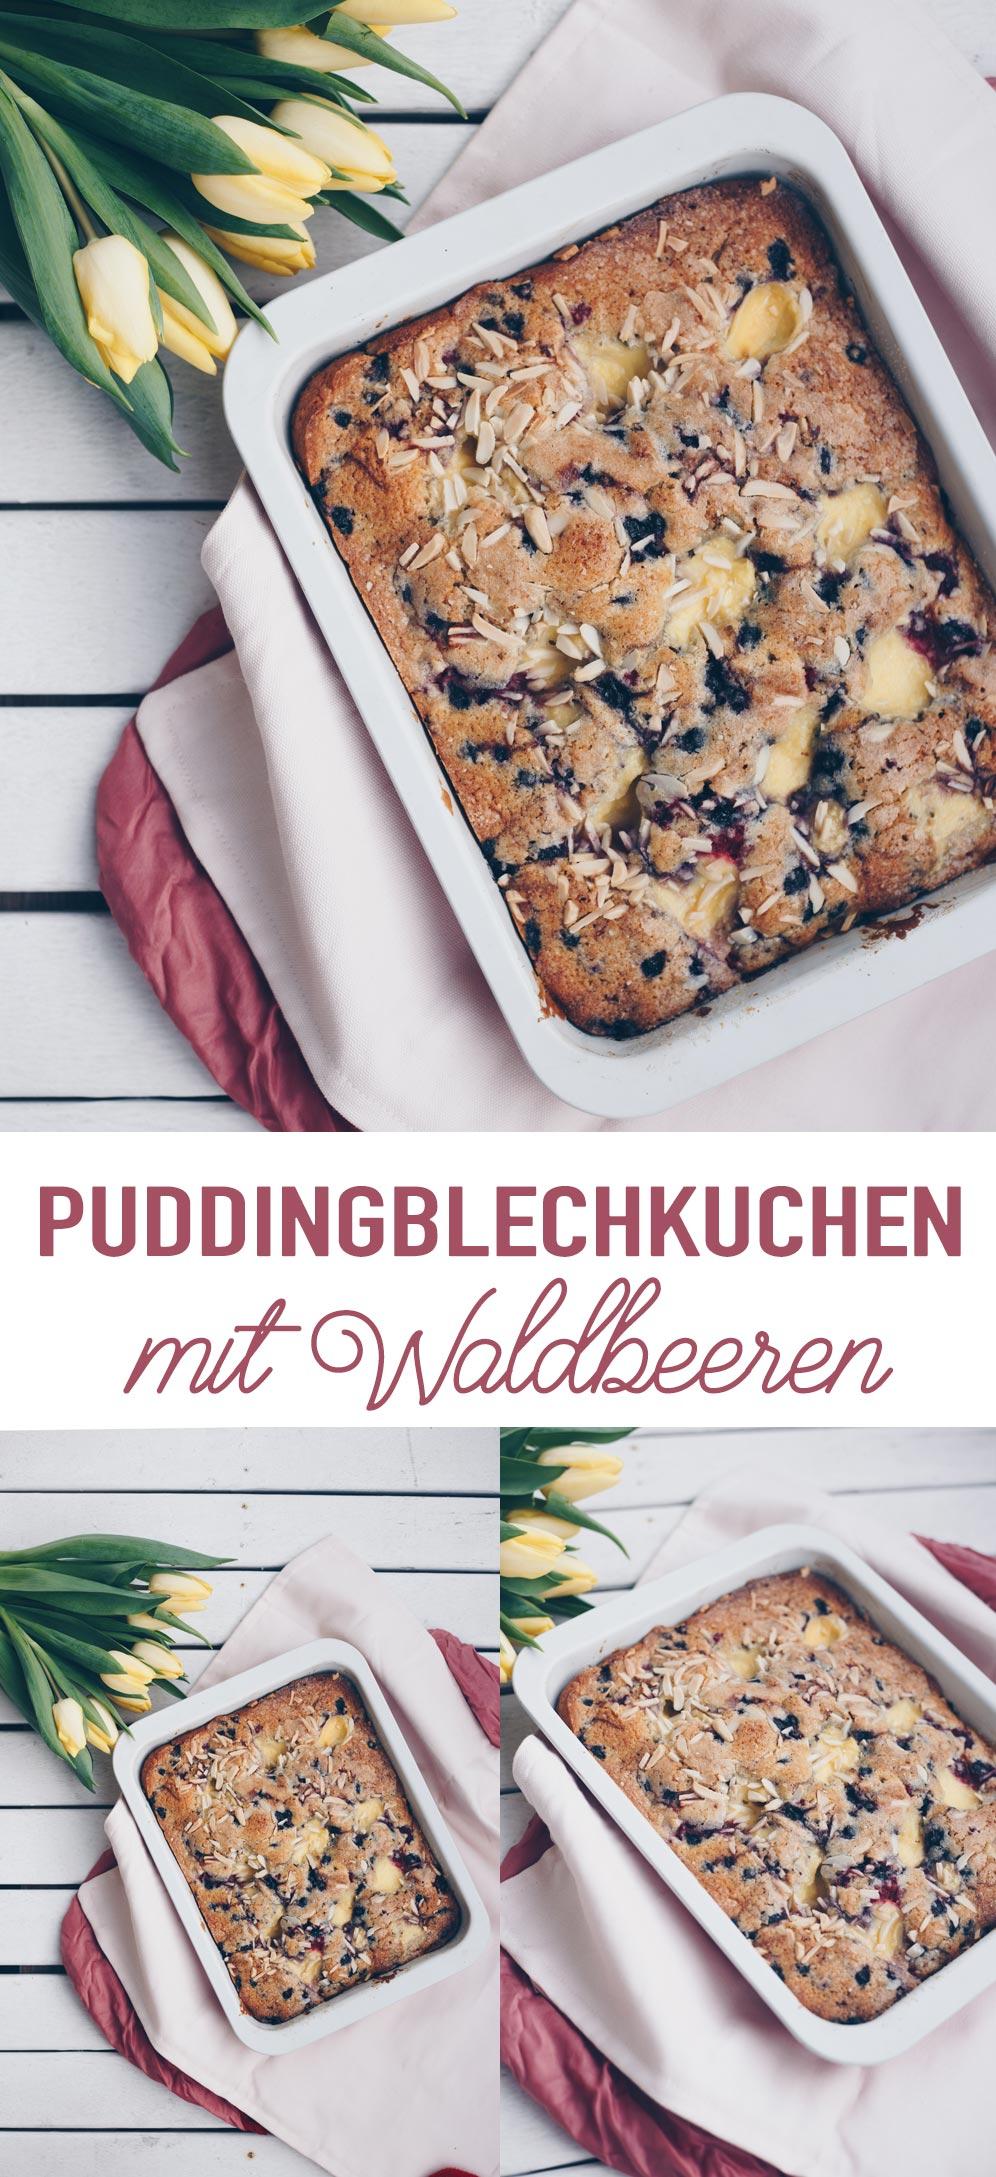 Puddingblechkuchen mit Waldbeeren backen - schnelle Rezeptidee